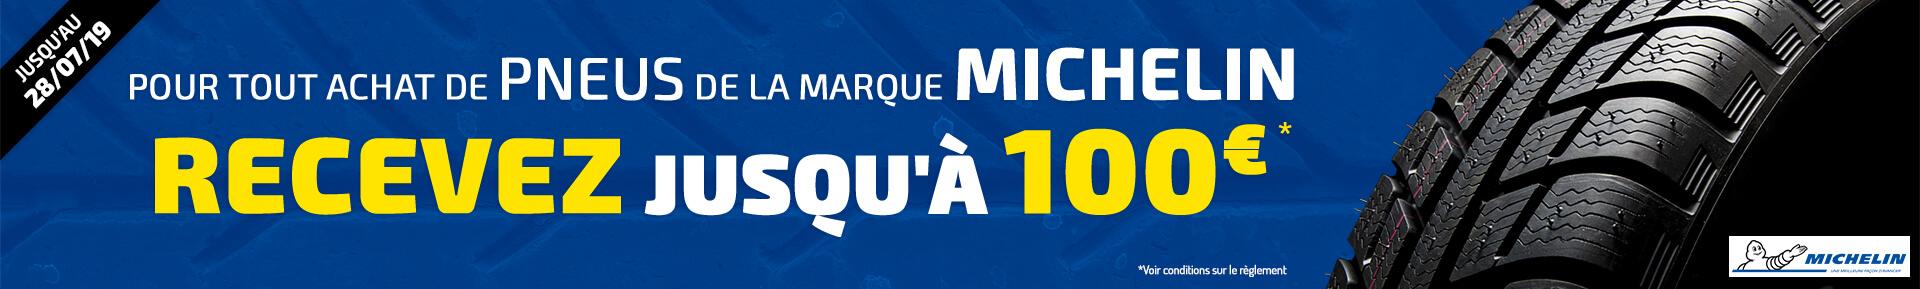 Pour tout achat de pneus de la marque MICHELIN, recevez jusqu'à 100€ *